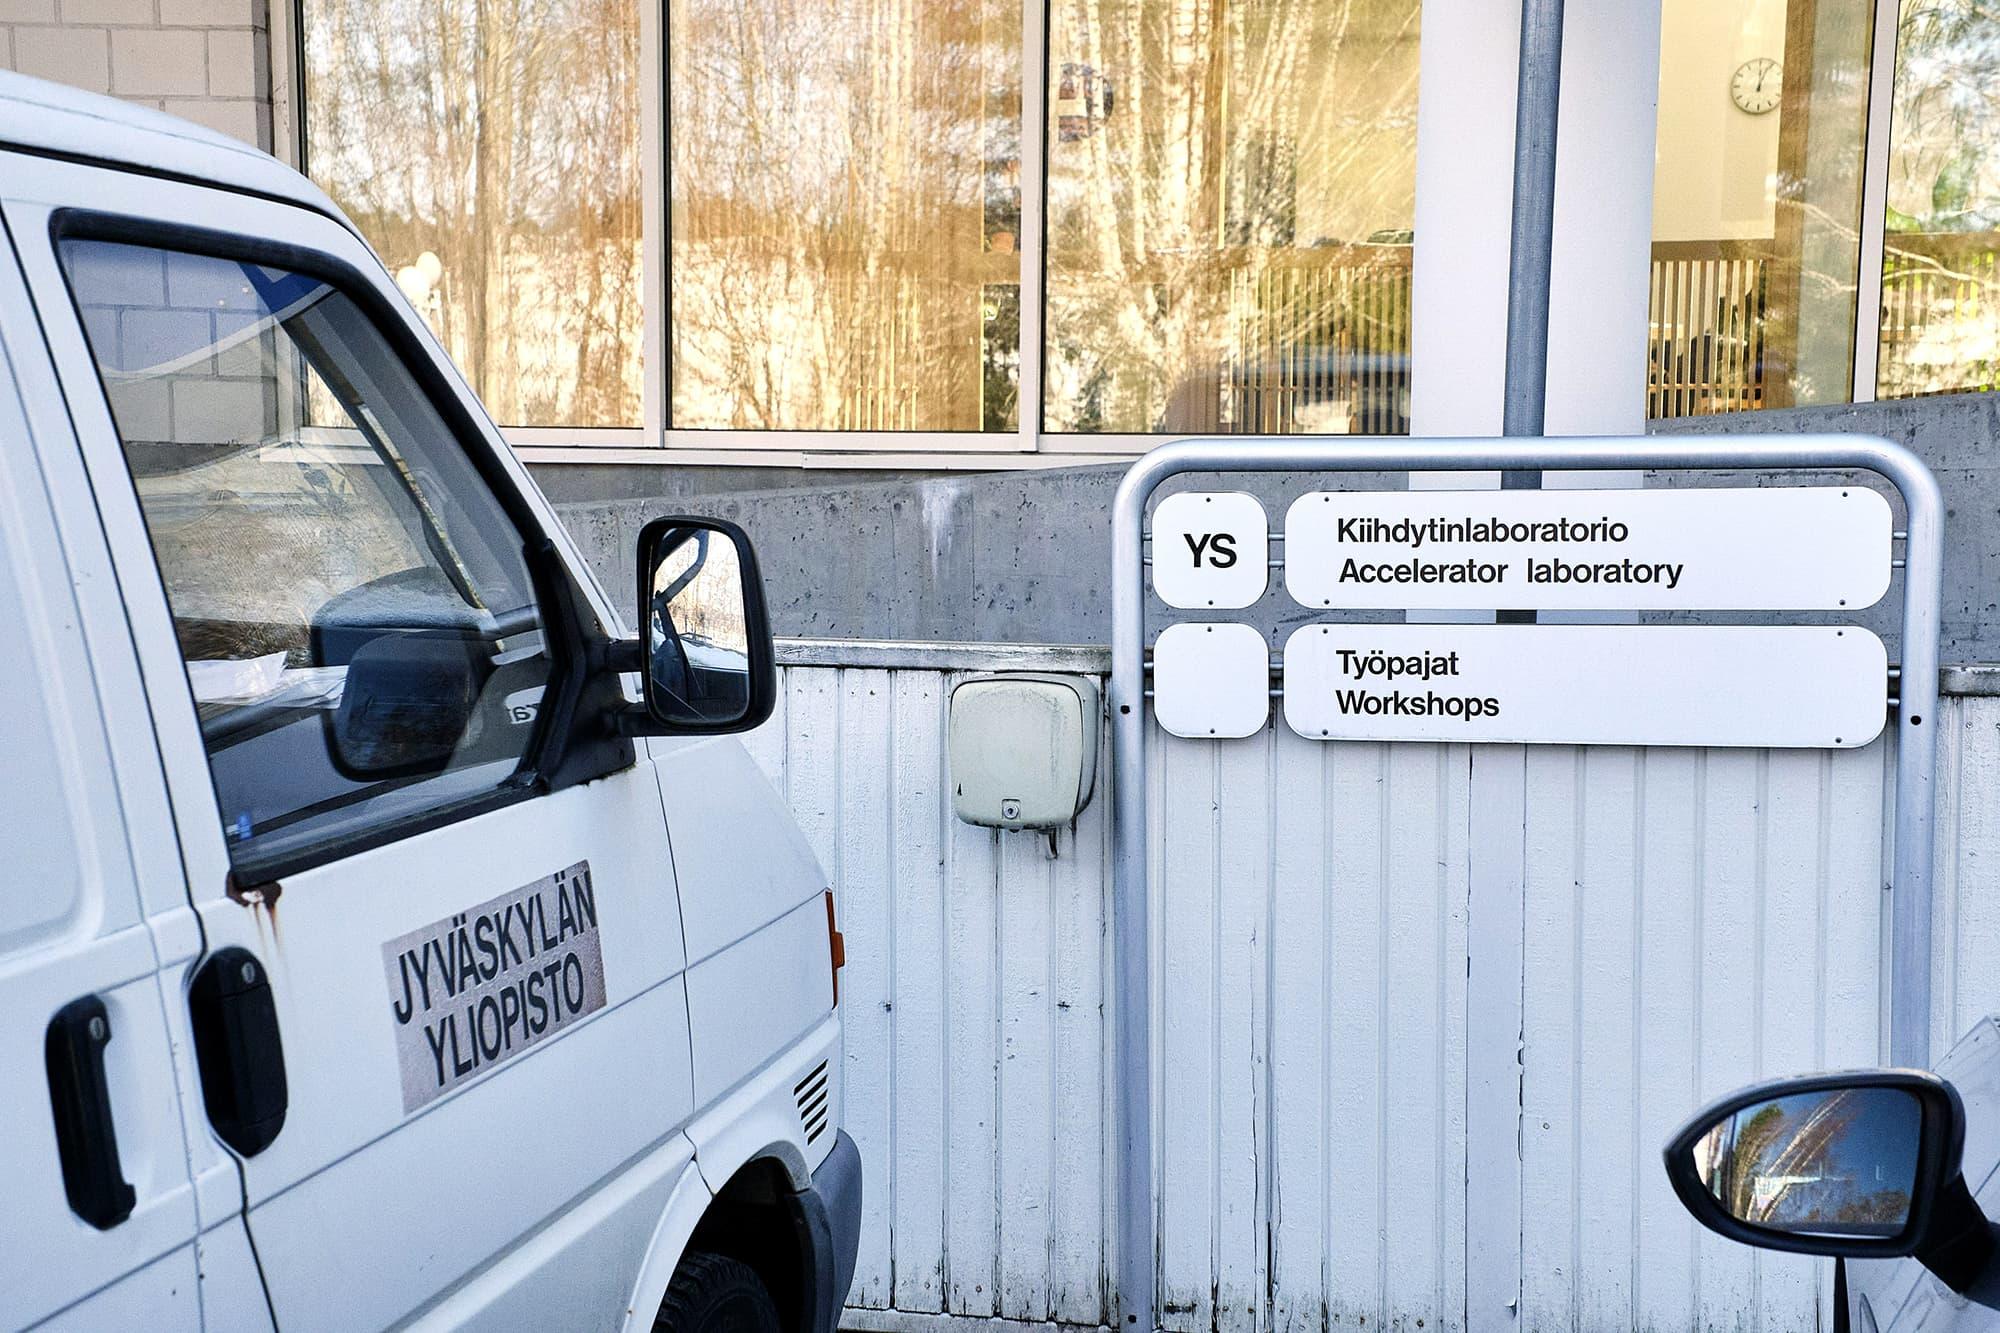 Kiihdytinlaboratorio -kyltti yliopiston parkkipaikalla.